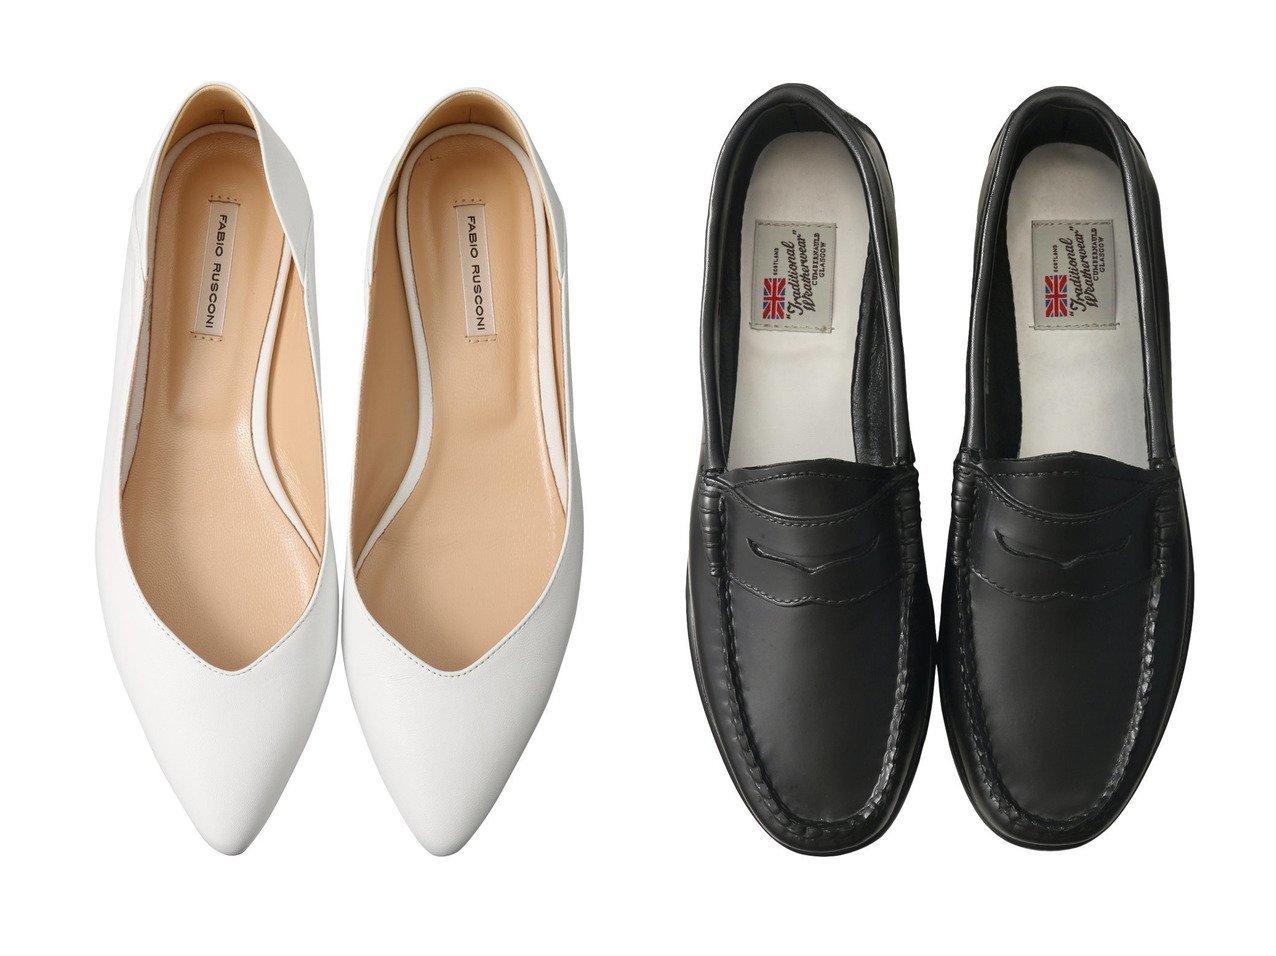 【heliopole/エリオポール】の【FABIO RUSCONI】フラットパンプス&【Traditional Weatherwear】ローファー シューズ・靴のおすすめ!人気、トレンド・レディースファッションの通販 おすすめで人気の流行・トレンド、ファッションの通販商品 メンズファッション・キッズファッション・インテリア・家具・レディースファッション・服の通販 founy(ファニー) https://founy.com/ ファッション Fashion レディースファッション WOMEN 2021年 2021 2021 春夏 S/S SS Spring/Summer 2021 S/S 春夏 SS Spring/Summer シューズ シンプル ベーシック ラバー レイン 春 Spring シルバー トレンド ニューヨーク パイソン フラット ミラノ メタリック |ID:crp329100000024756